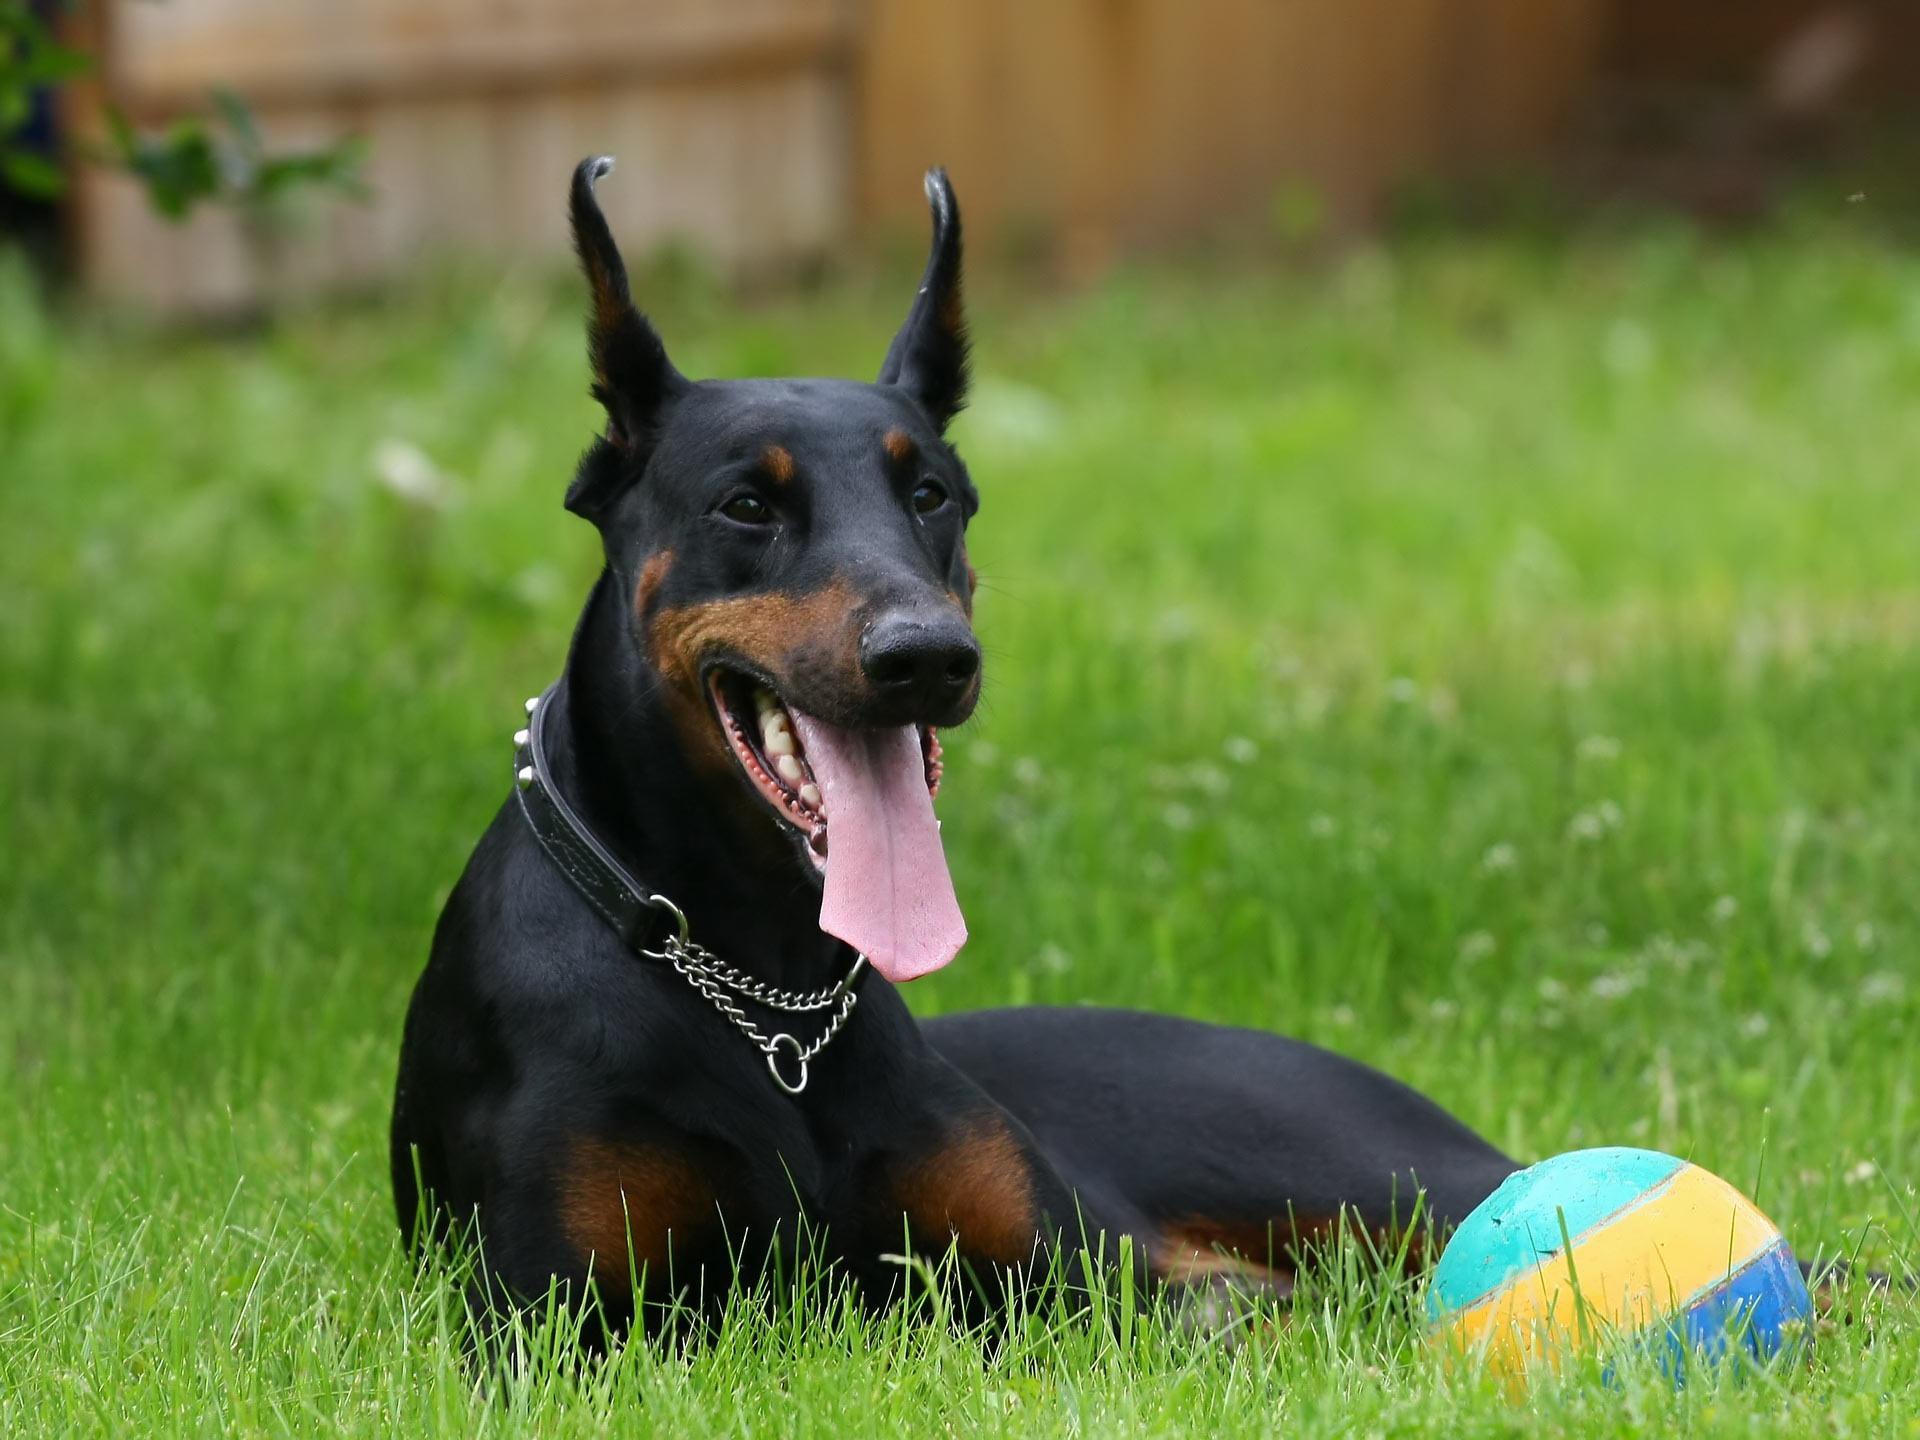 โดเบอร์แมน พรินเชอร์ สายพันธุ์ของสุนัขเก้าชีวิต